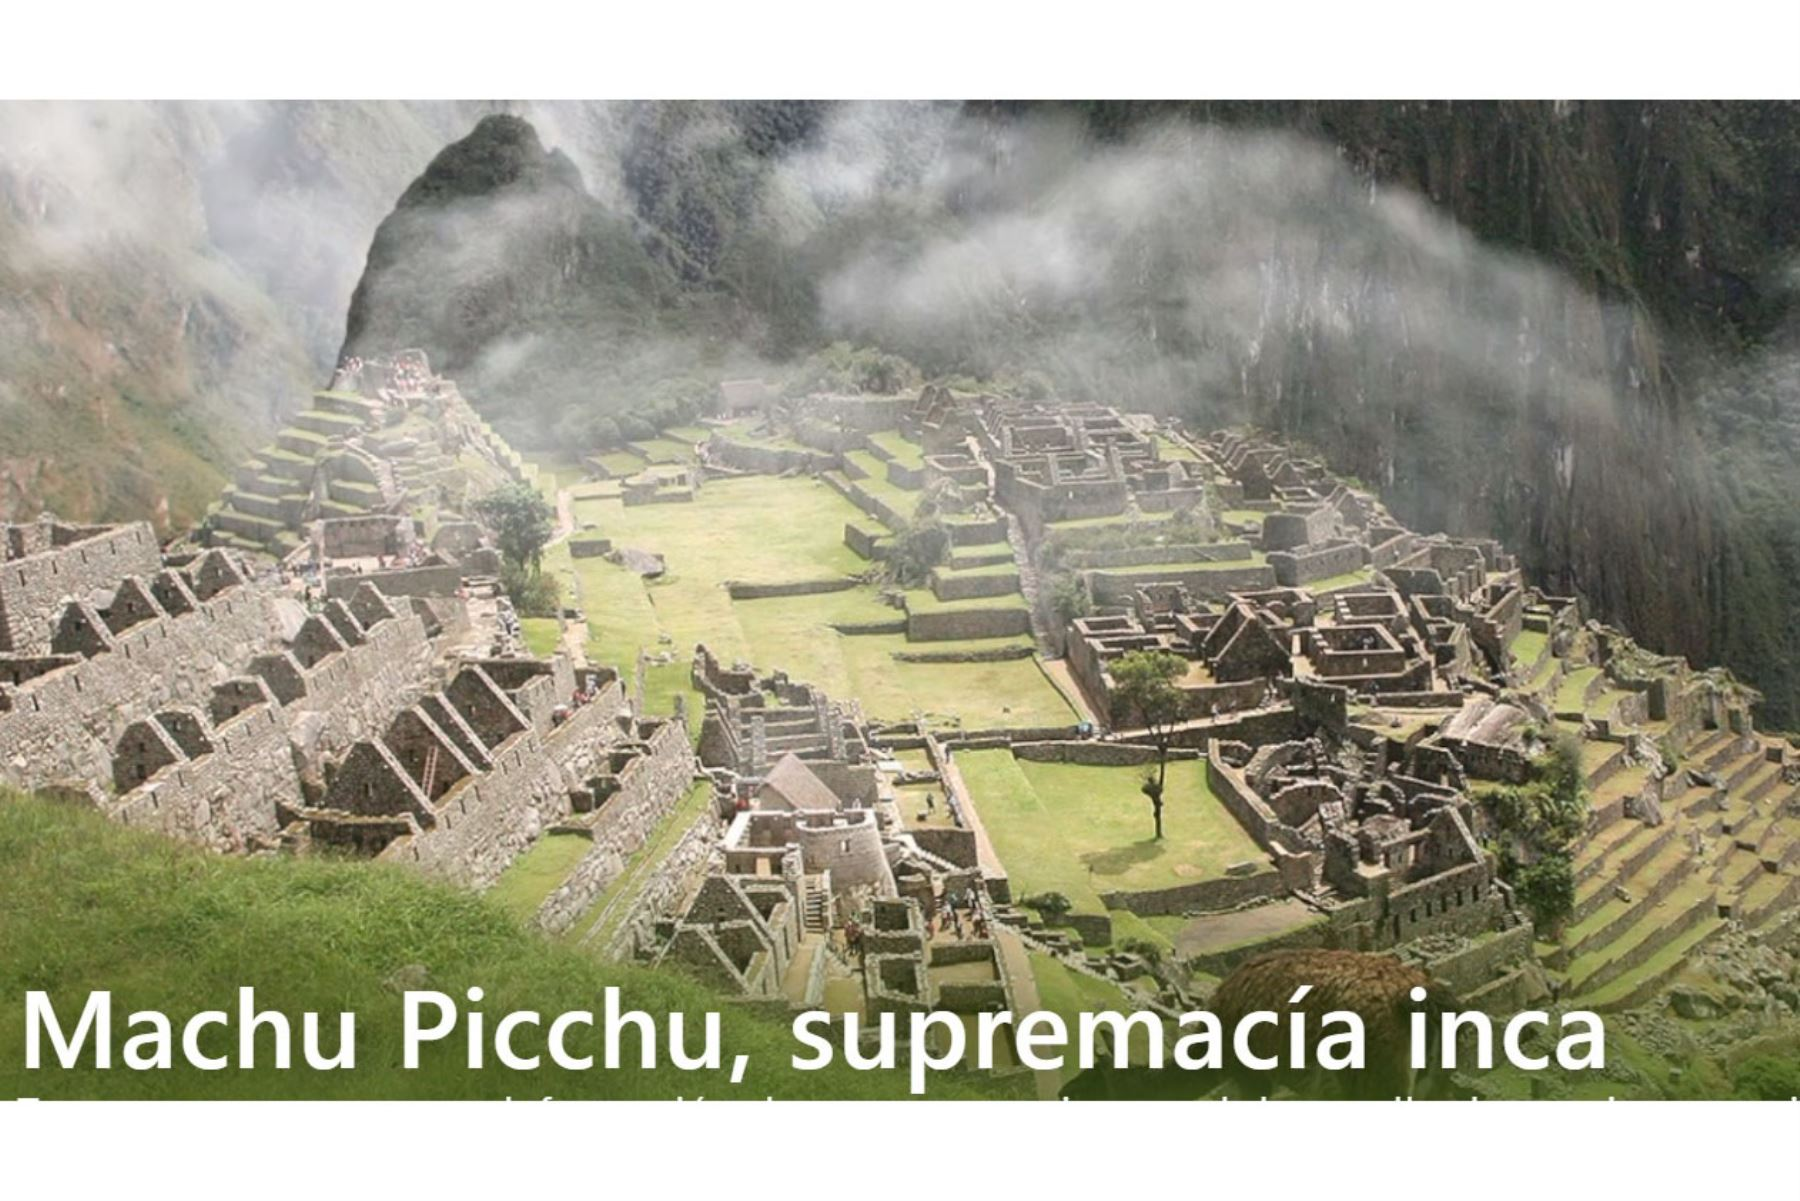 En el periodo del inca Pachacútec, durante la construcción de Machu Picchu, se registraron dos terremotos, que dieron origen a la arquitectura sismorresistente.